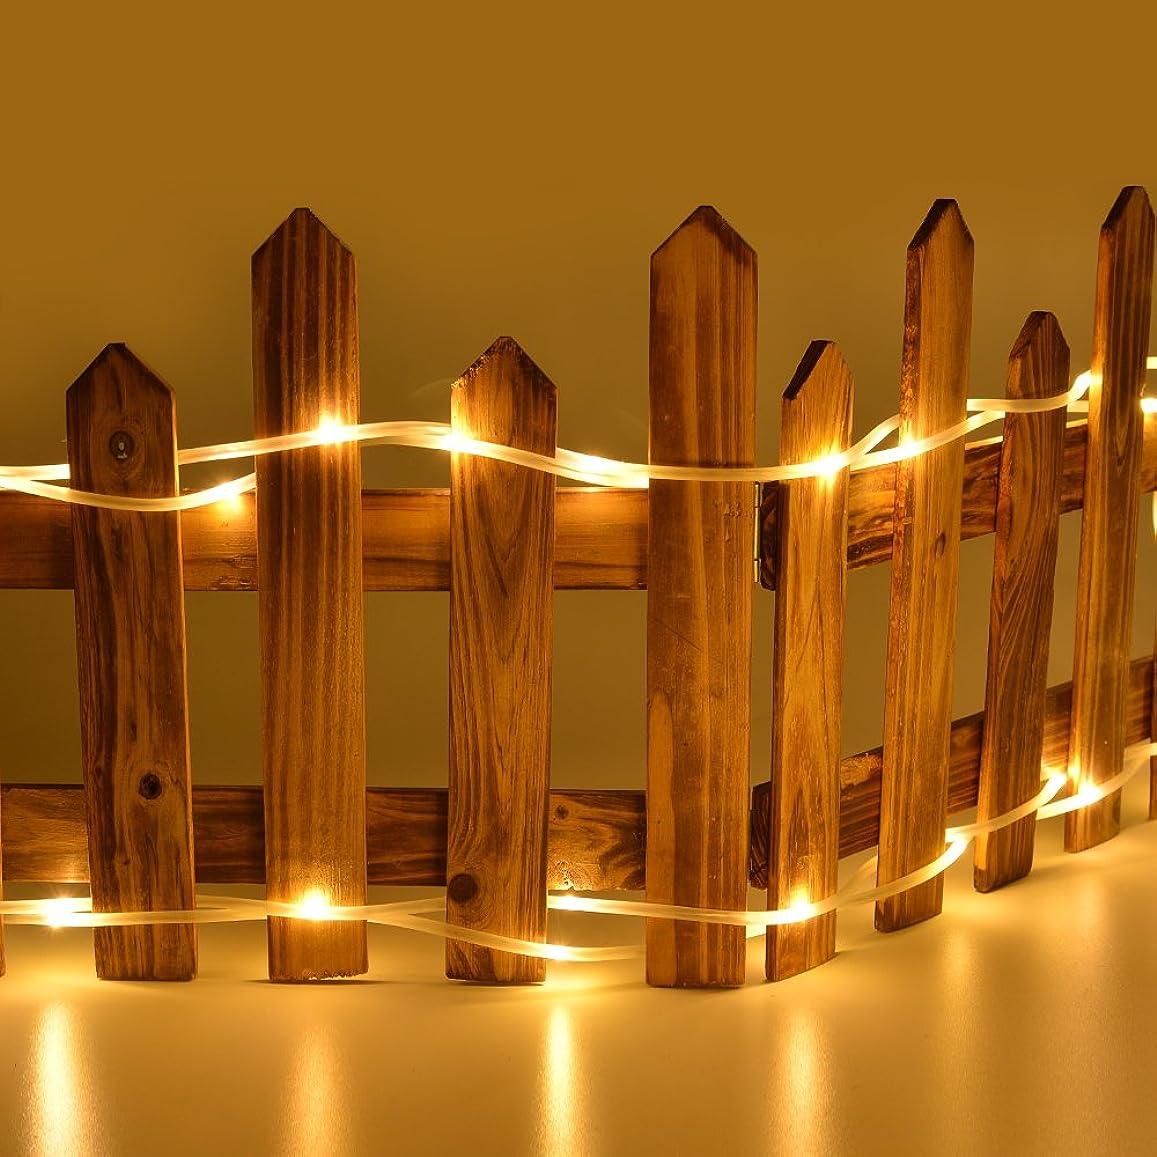 インセンティブ焼くビルダーAGPtek 10m/100LED ロープライト USB給電式 8種類の点滅モデル 防水国際基準防水IP67 結婚式、学園祭、誕生会、ハロウィーン、クリスマスパーティー、などイベント大活躍 コントローラ付き (ウォームホワイト(電球色)